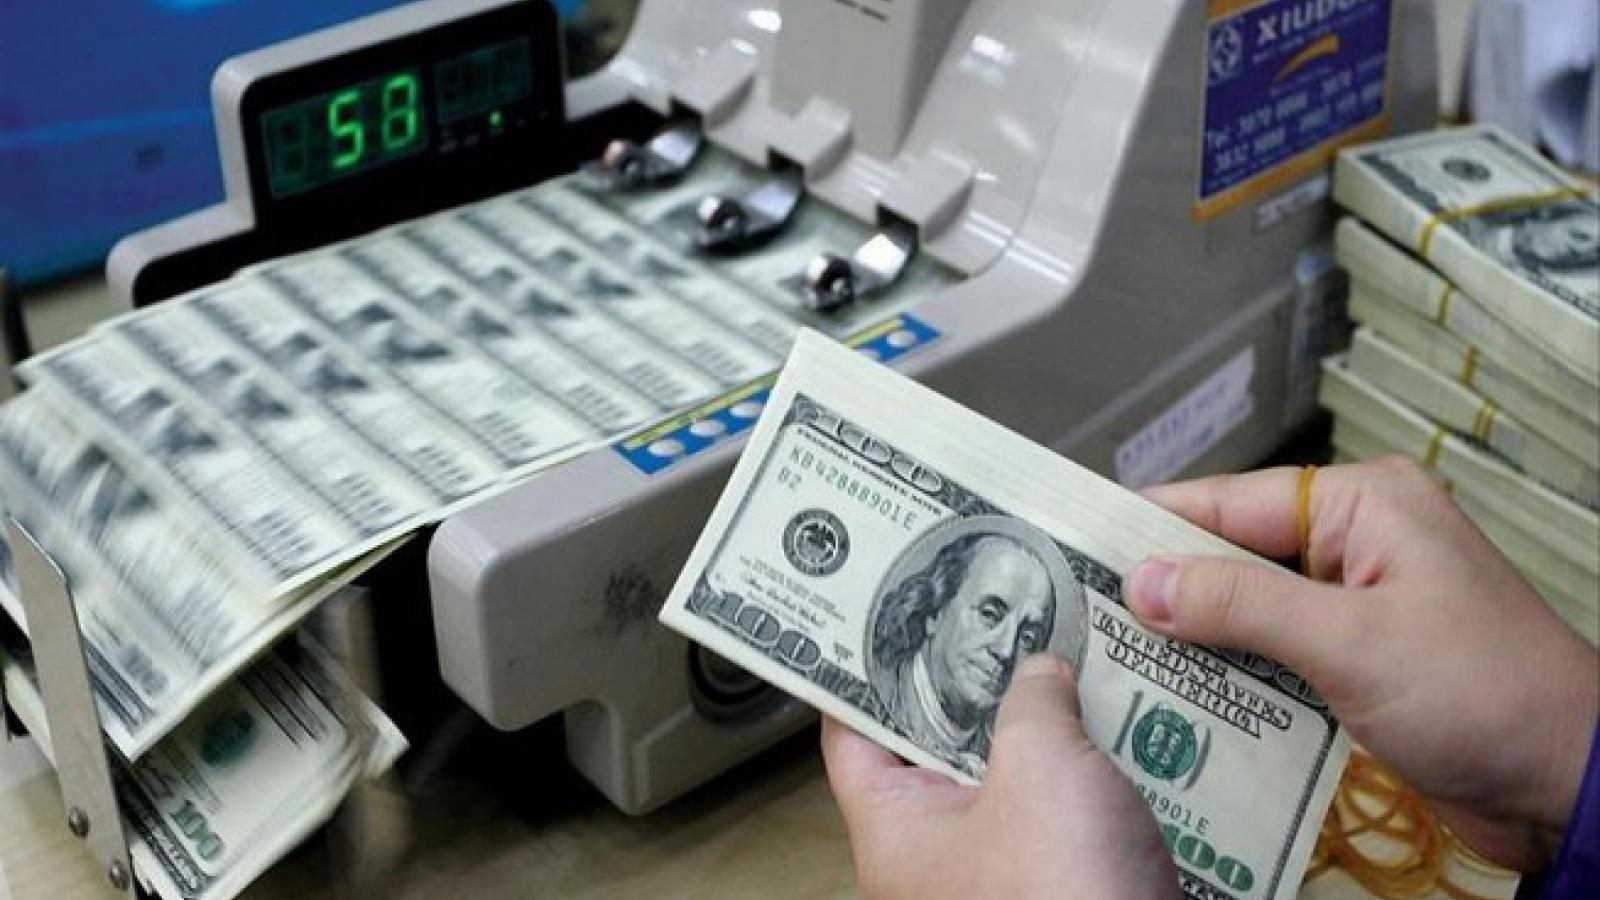 Cáo buộc thao túng tiền tệ: Sự lựa chọn nào của Việt Nam?